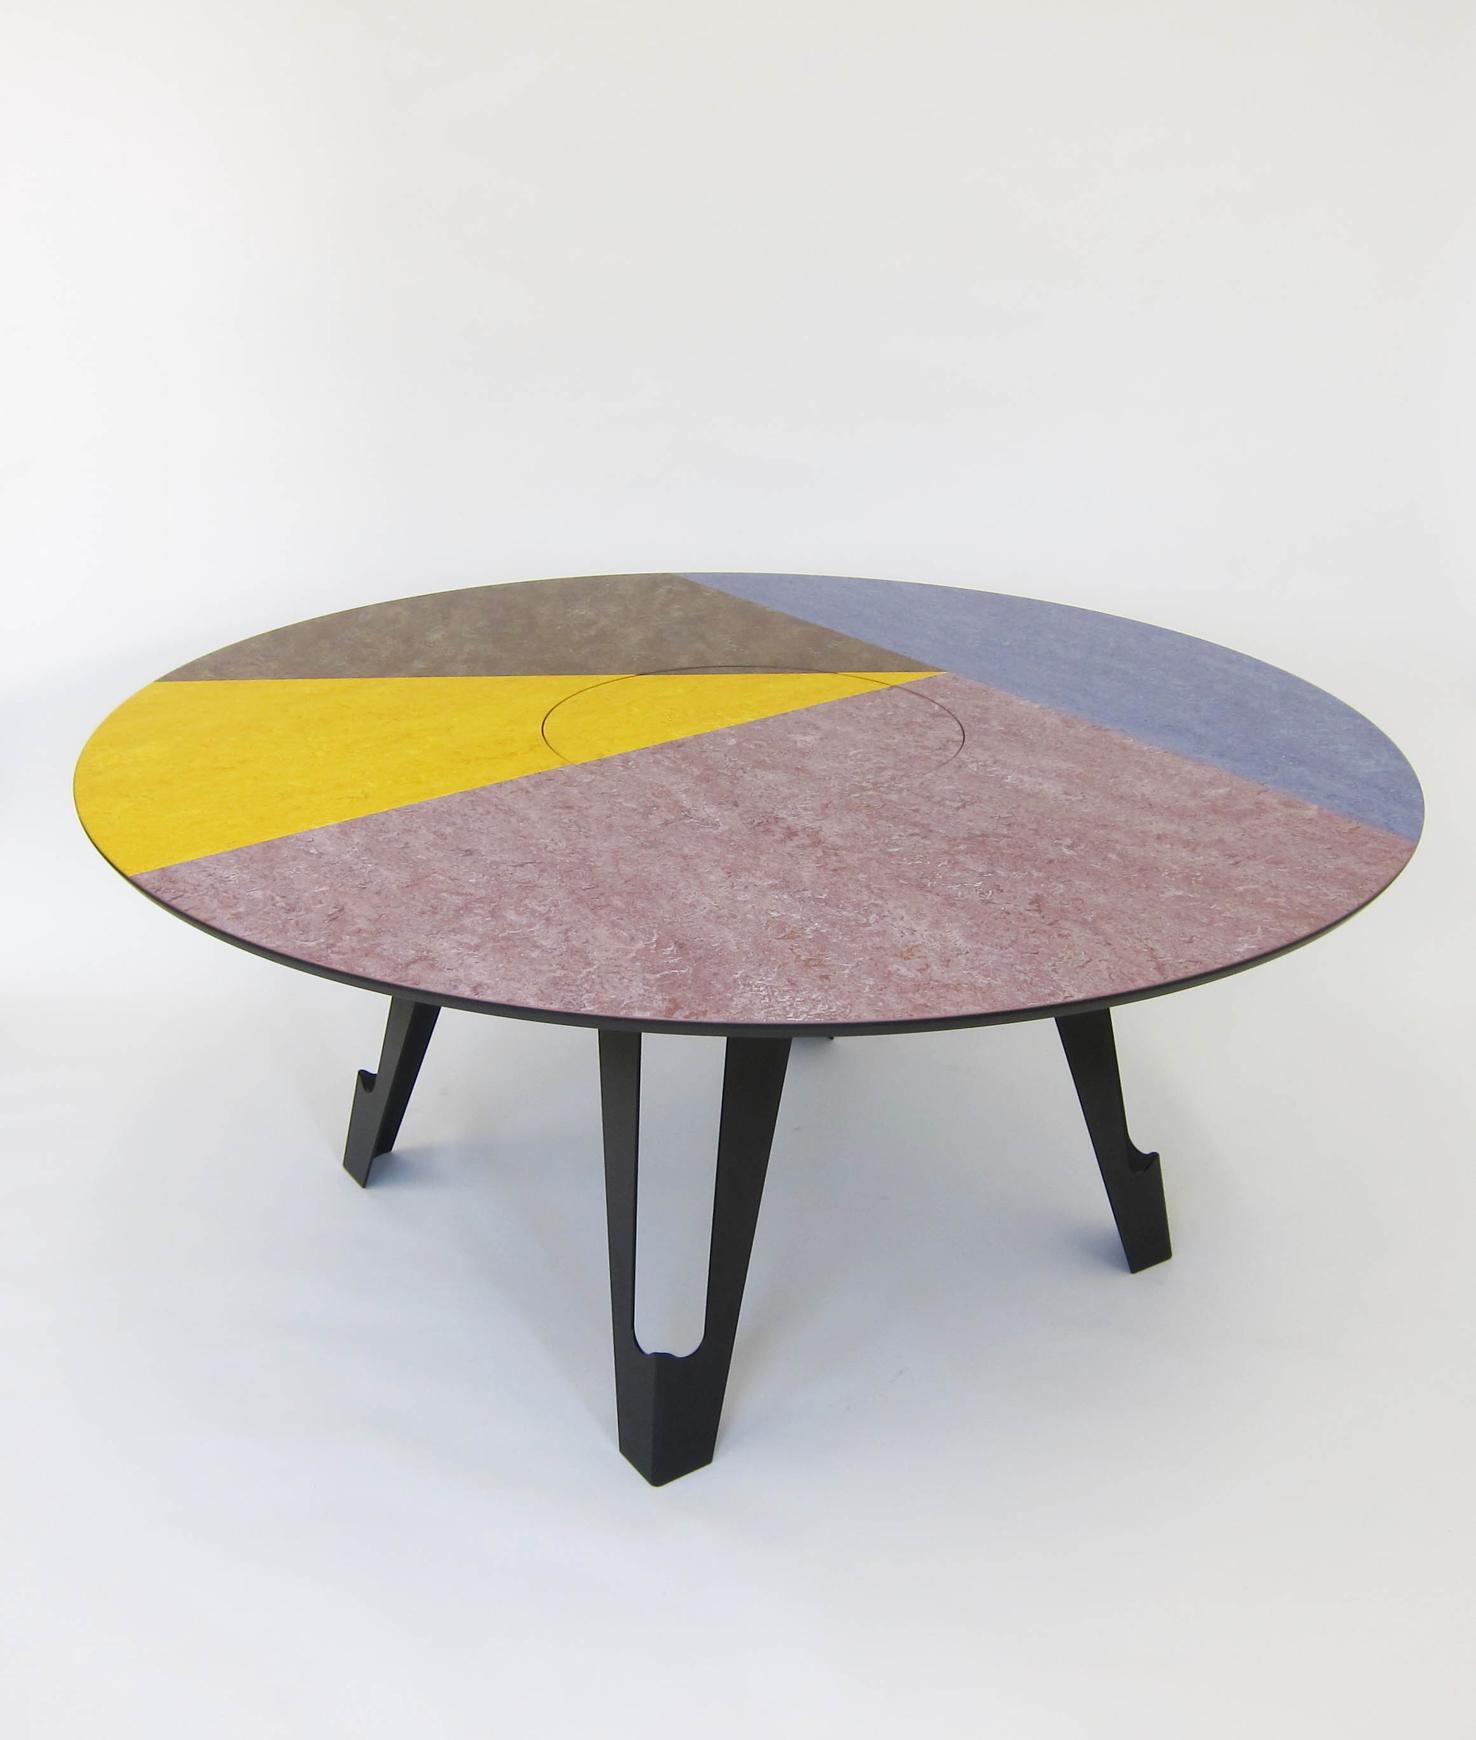 Fragmental Dining Table, linoleum, high density board, powder coated steel legs, 75 x 170 x 170 cm